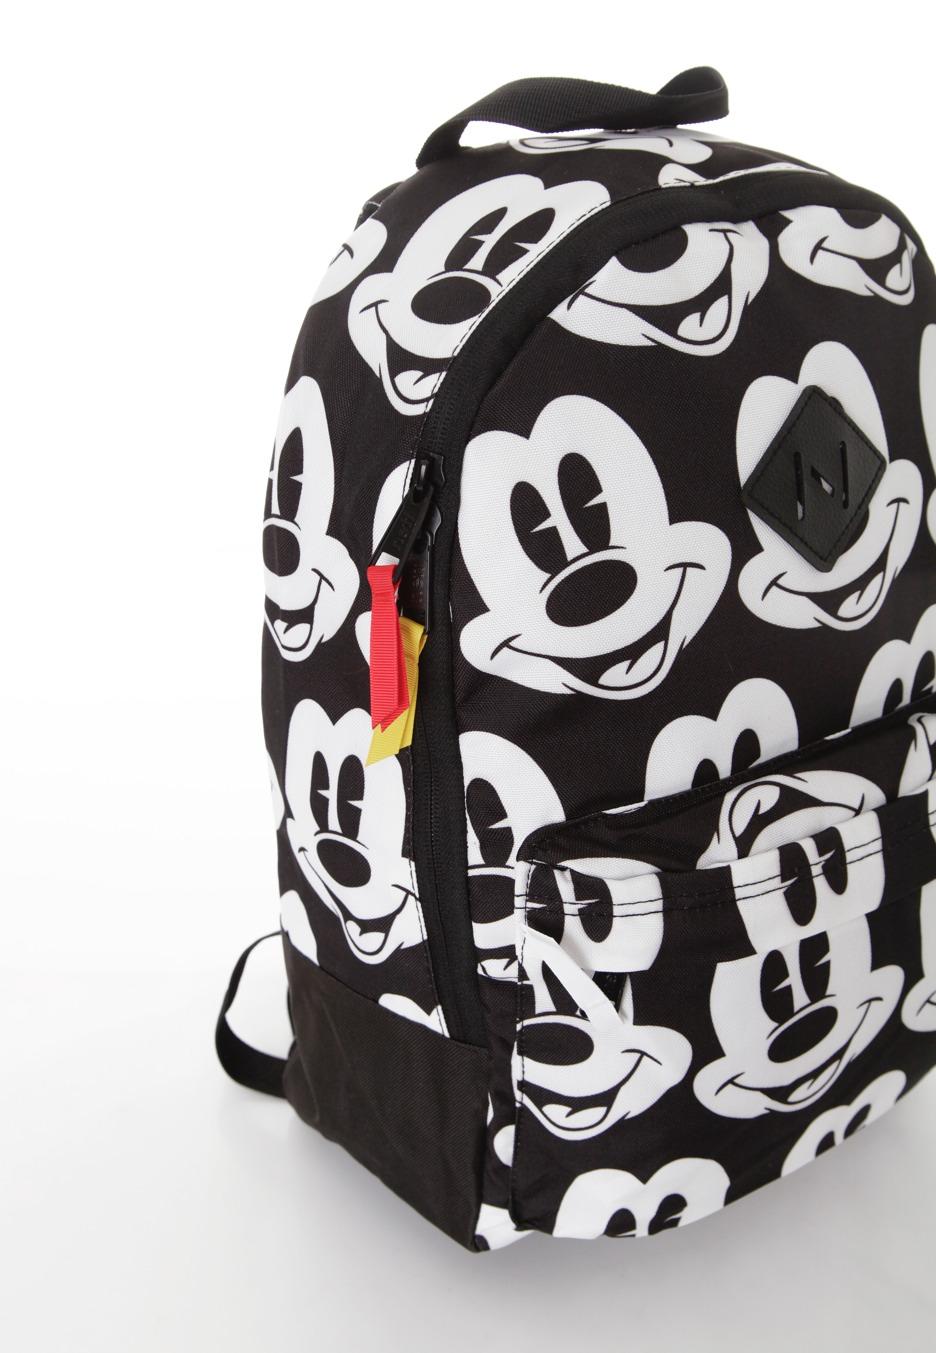 d549ec99d50 Neff - All Mickey - Zaino - Negozio di streetwear - Liveyourmusic.com IT